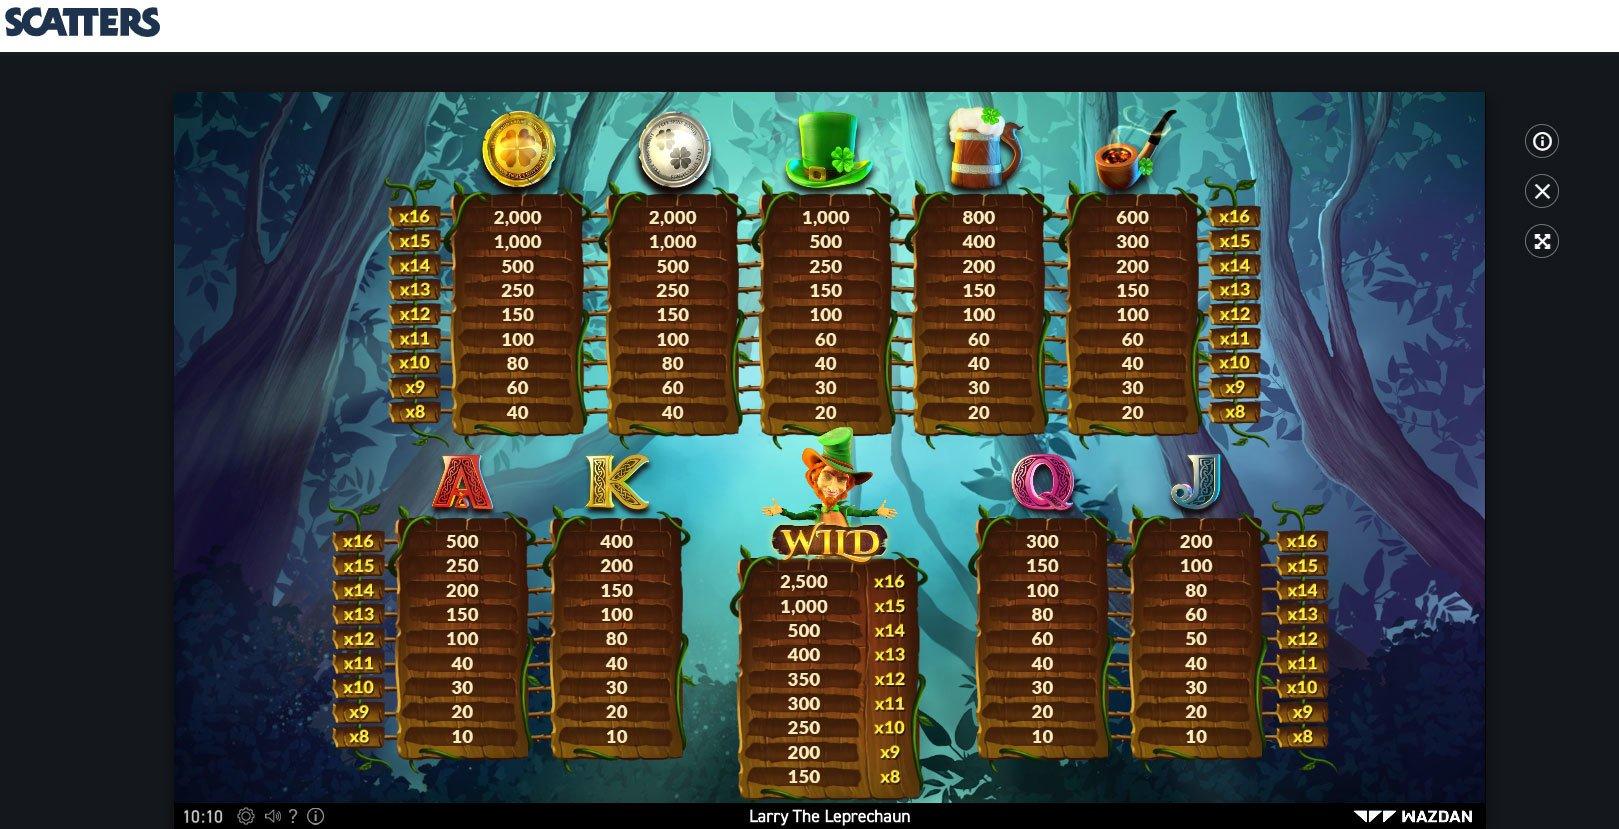 Larry the Leprechaun online slot Wazdan - Scatters Online Casino